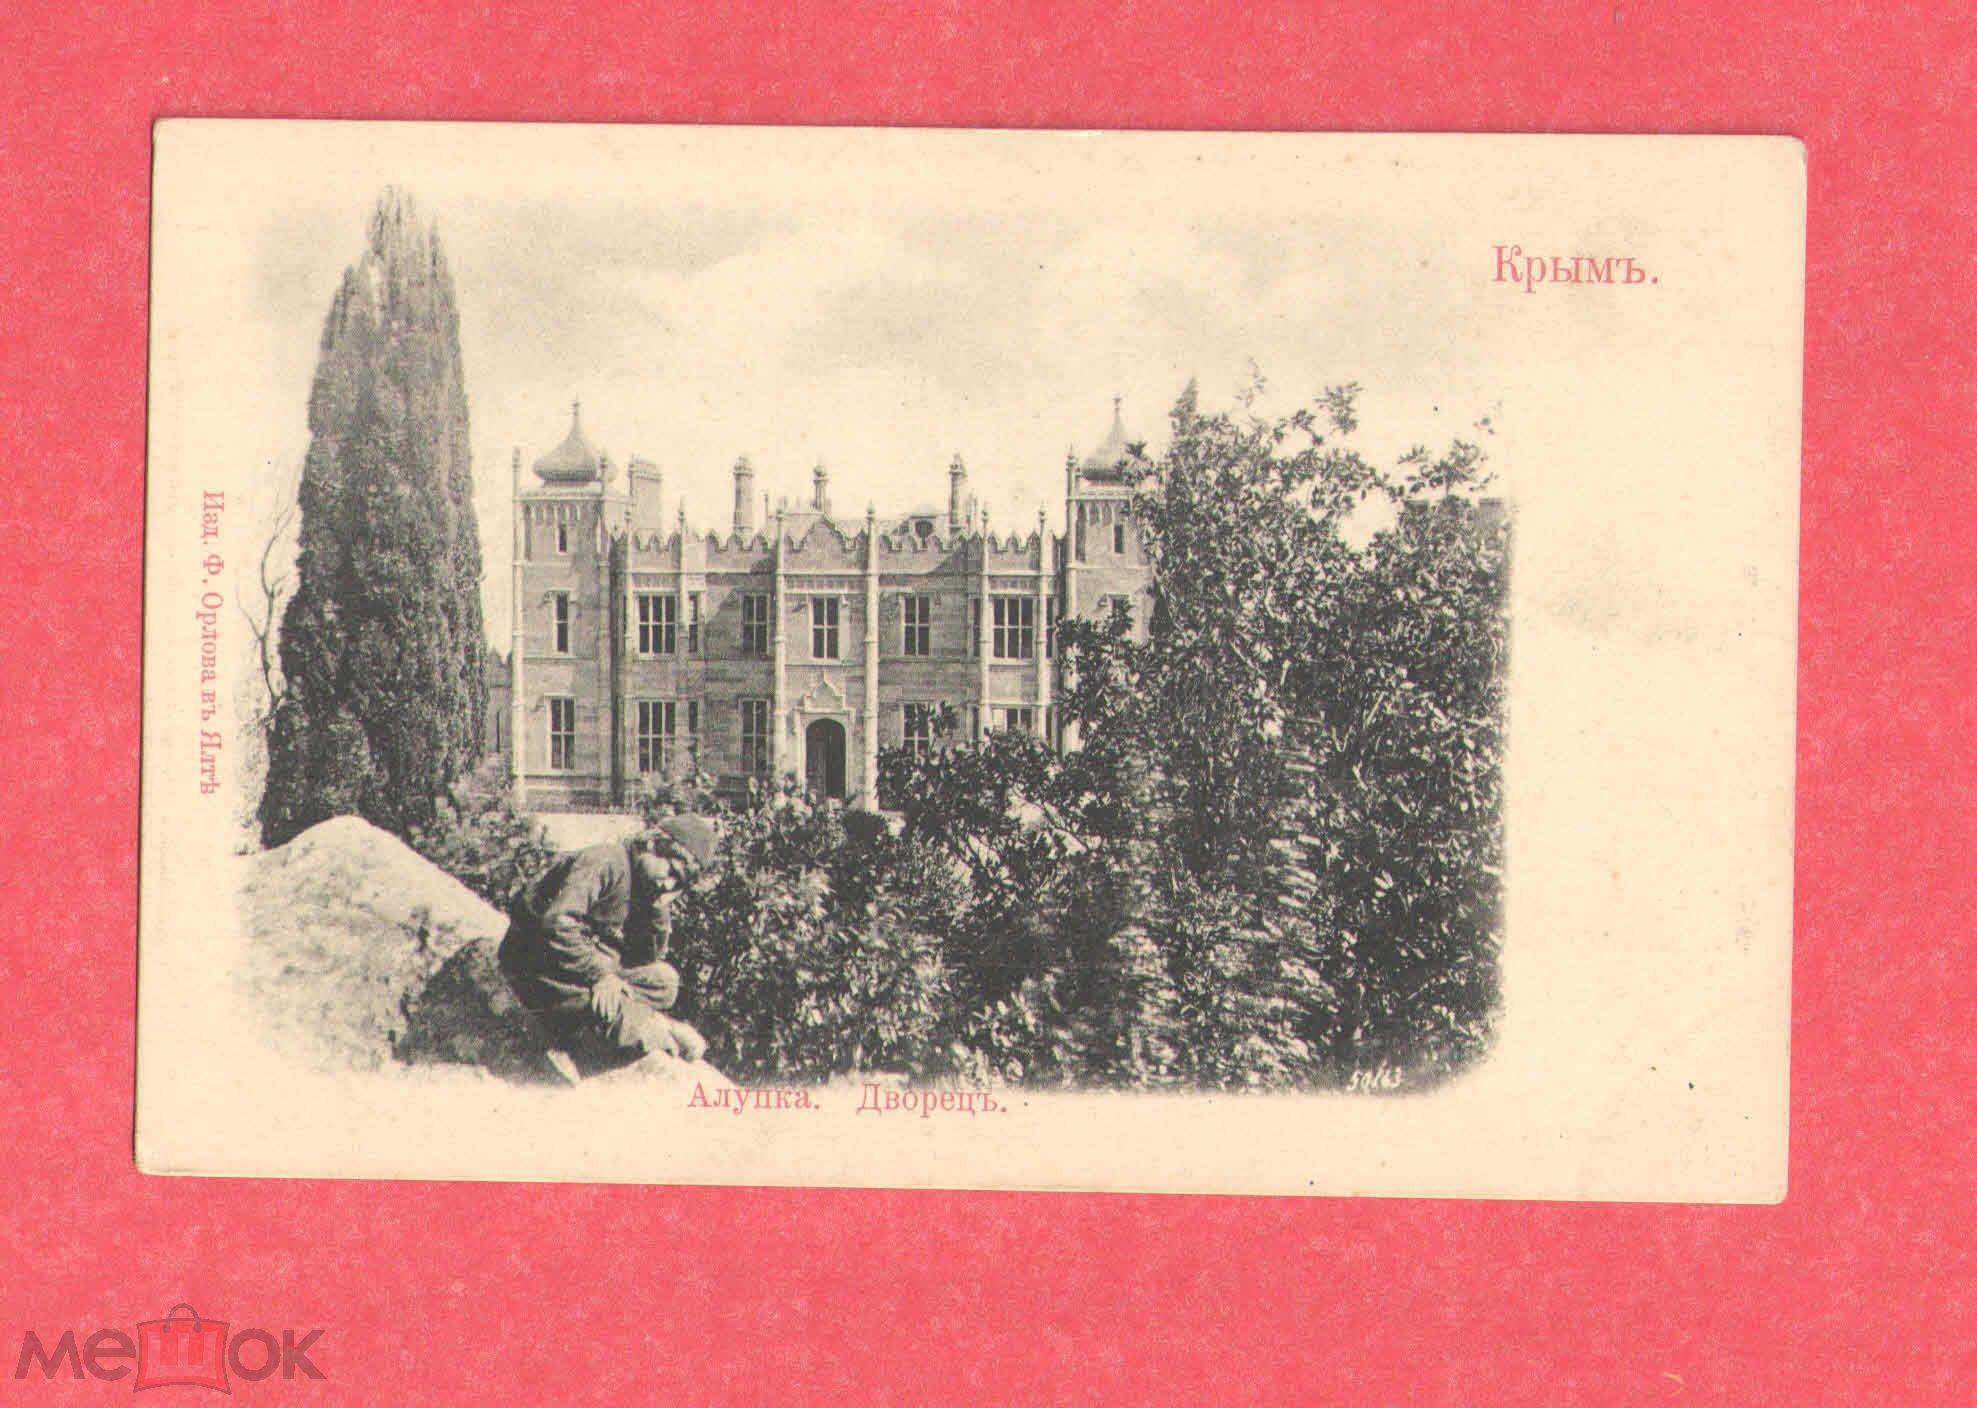 Открытка до 1917 г алупка дворец, карандашом смешные